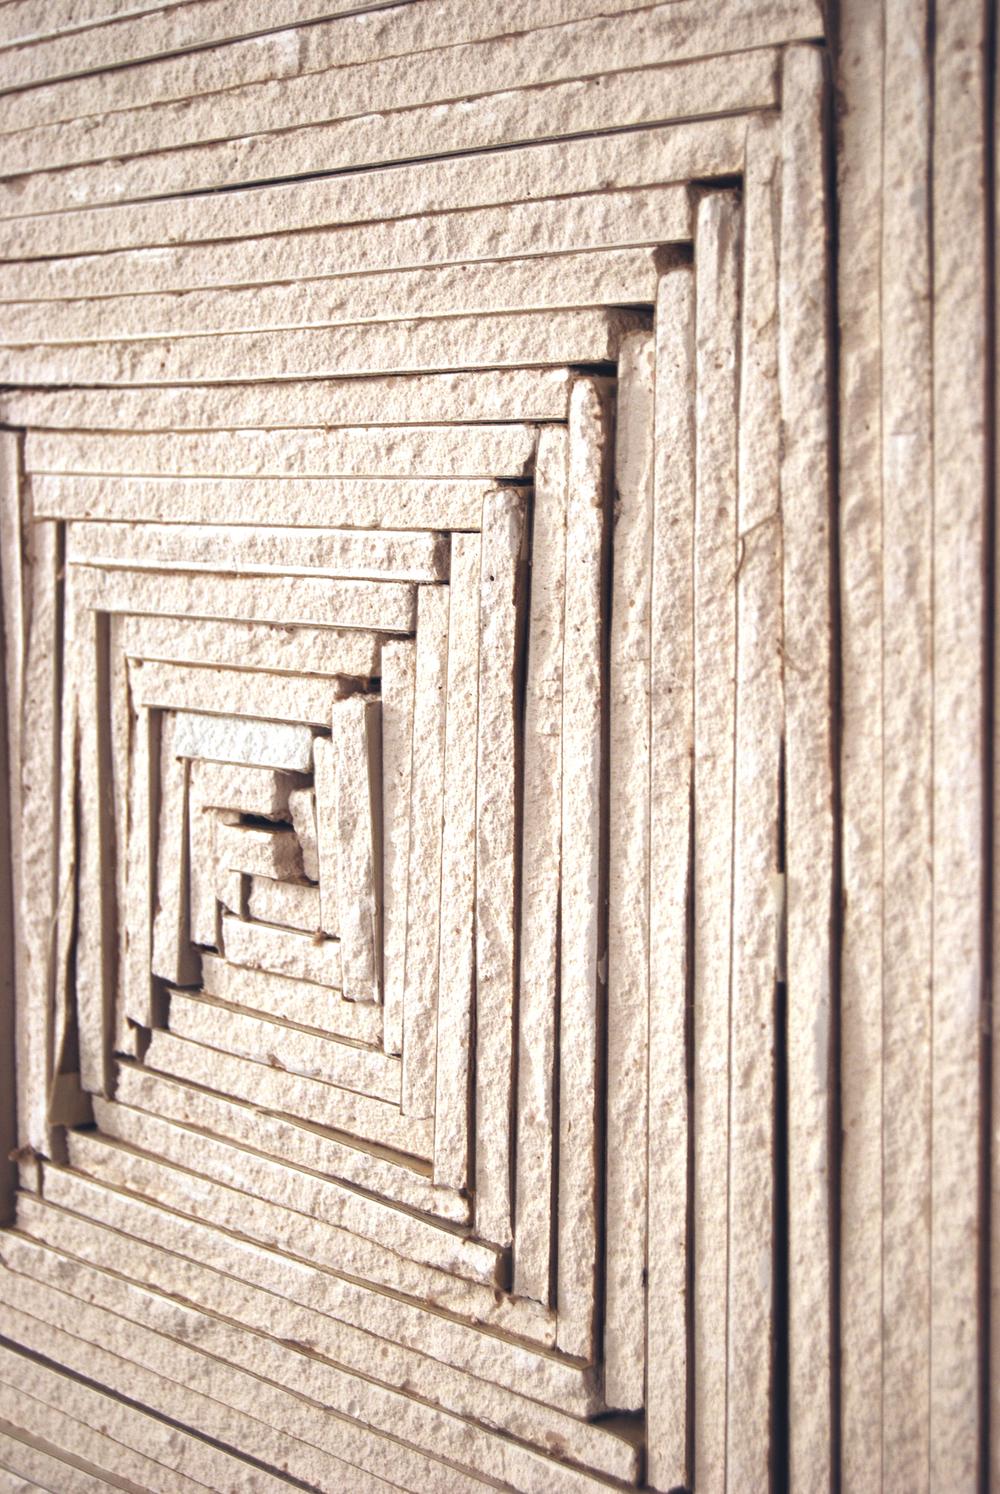 Ziggurat detail